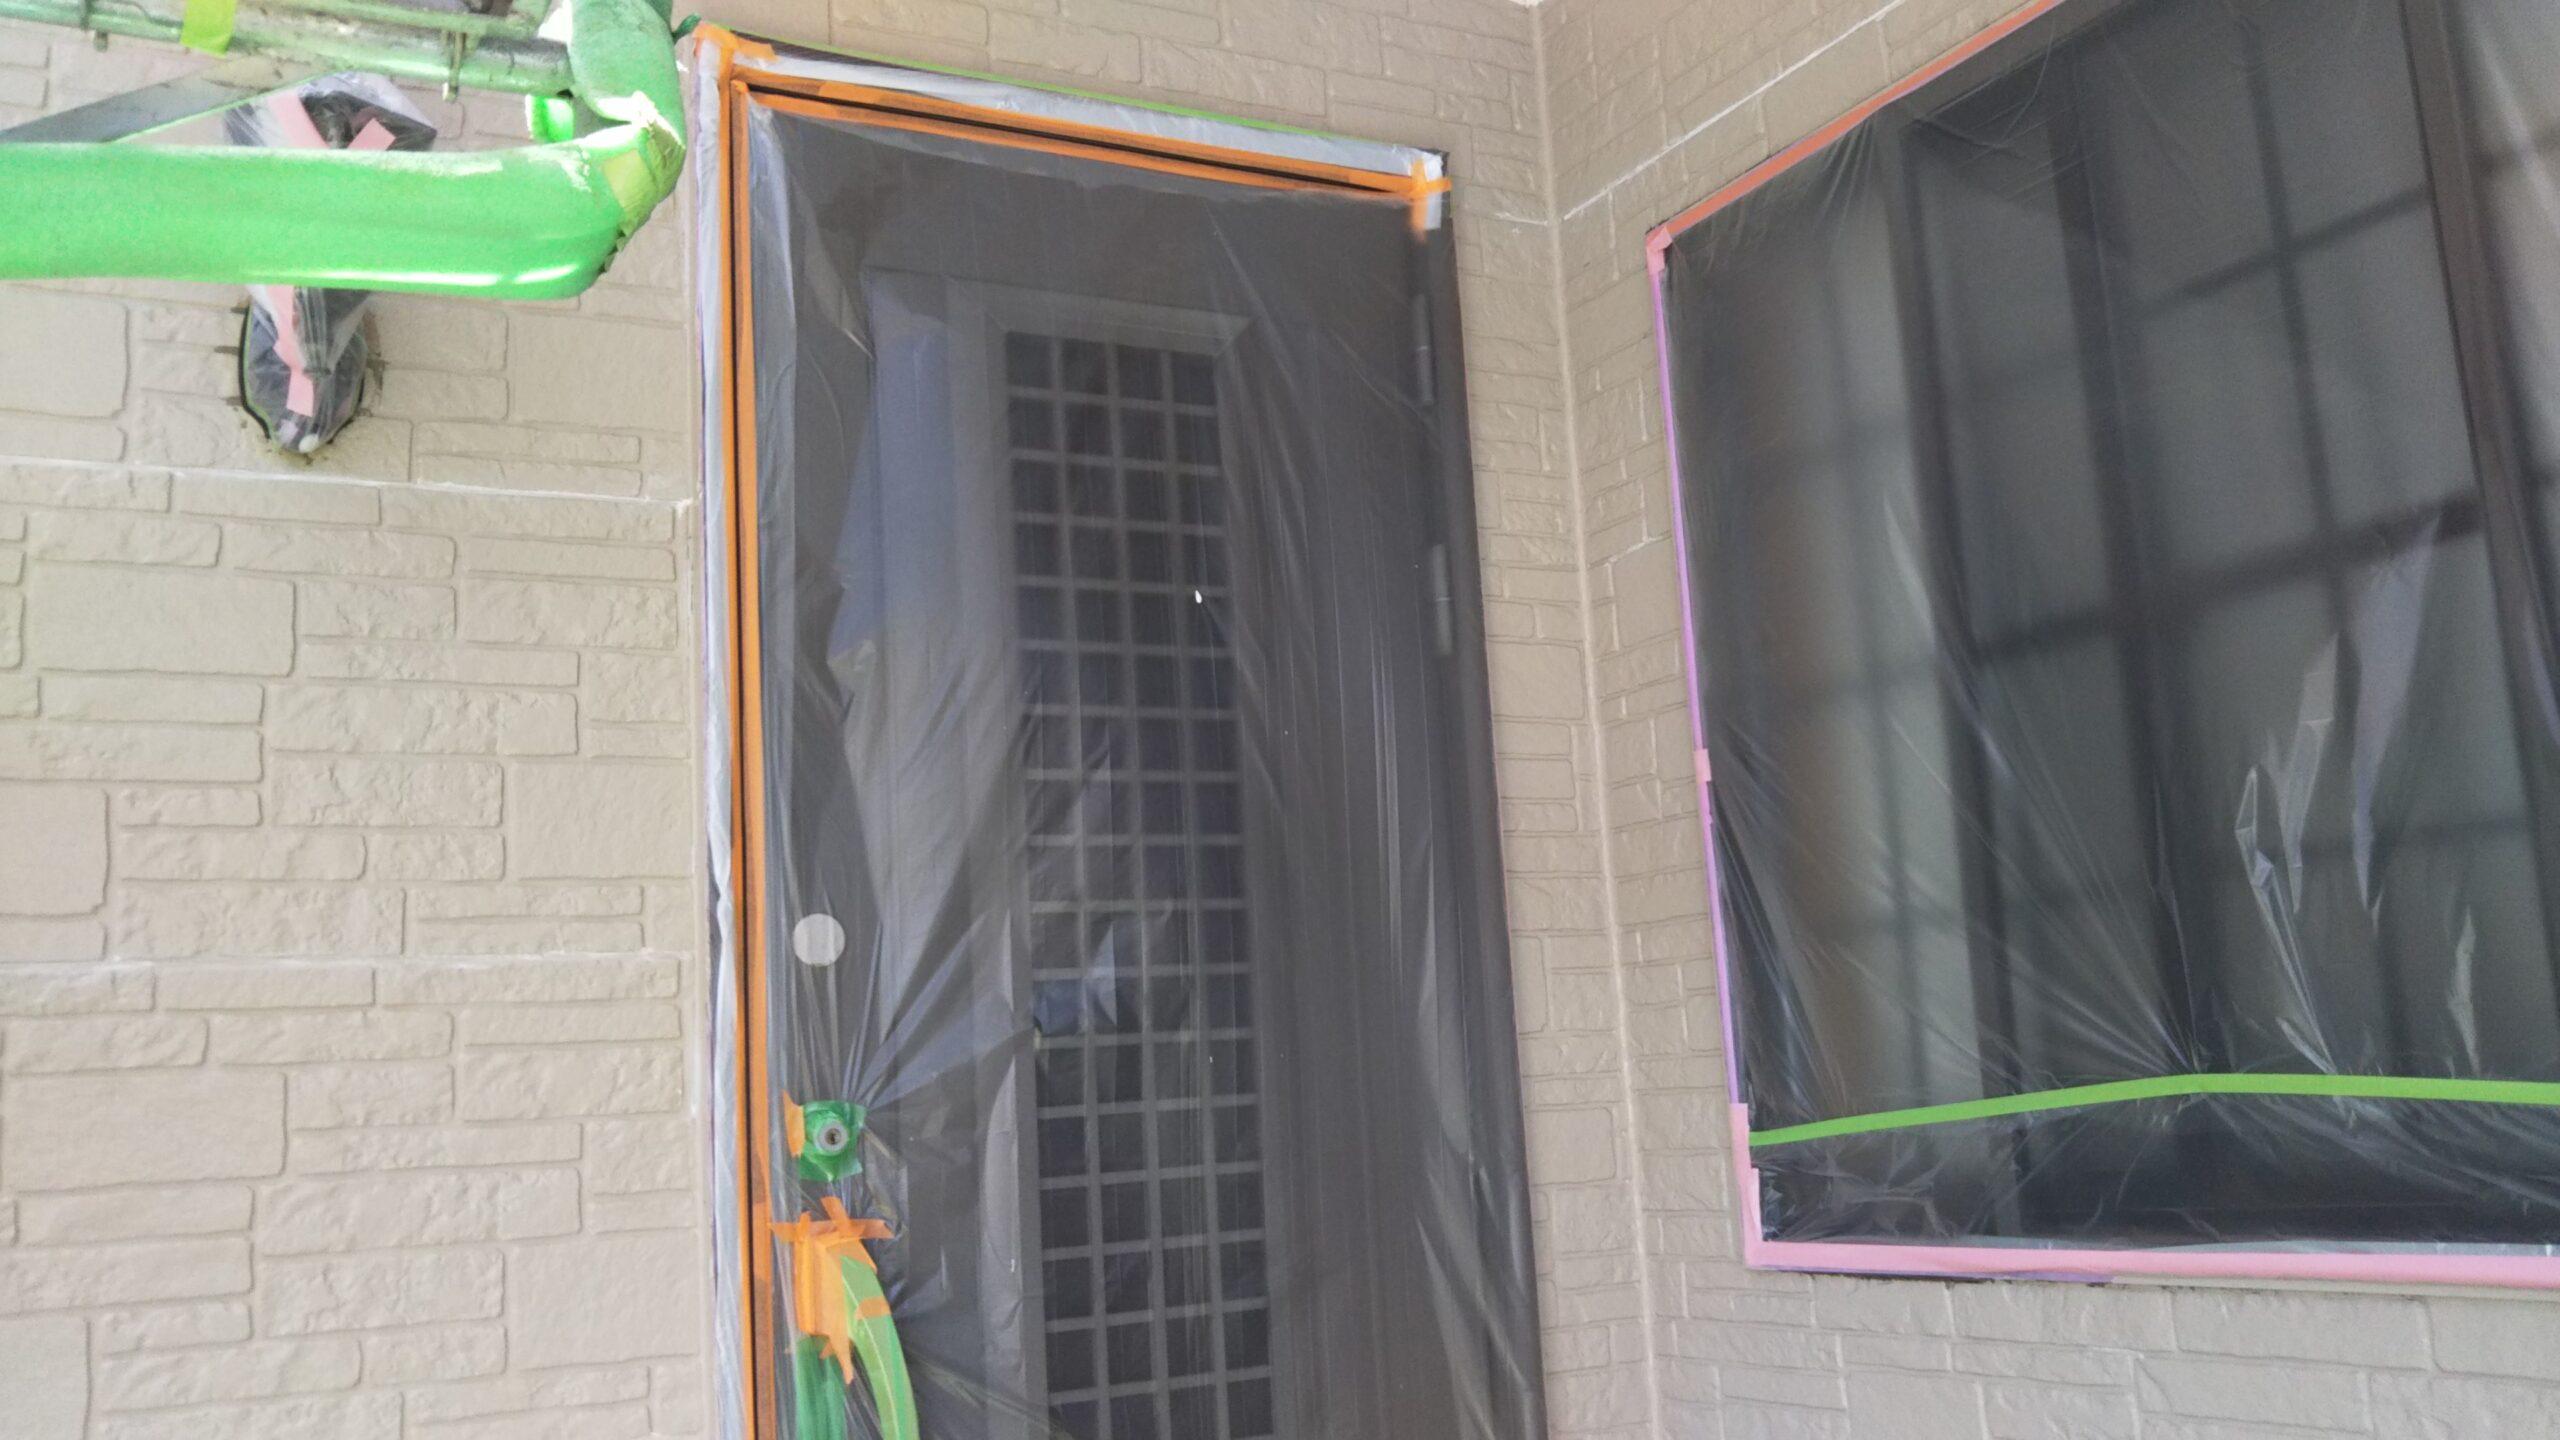 埼玉県さいたま市中央区のM様邸(木造2階建て)にて外壁の中塗り塗装